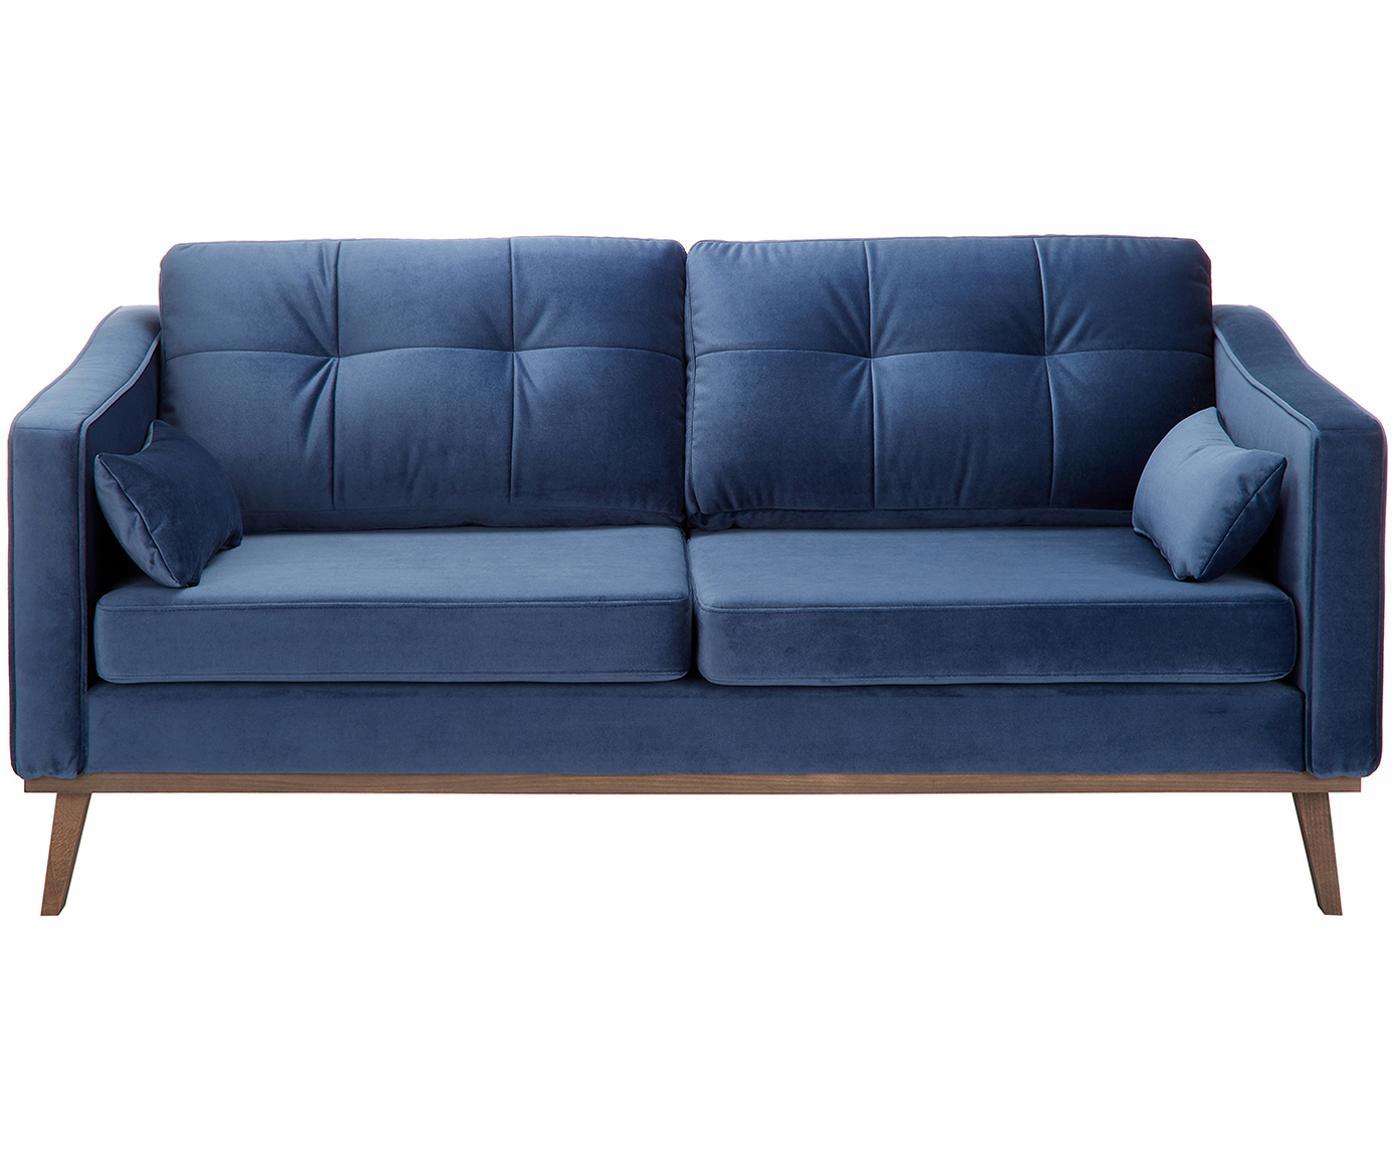 Sofa z aksamitu Alva (2-osobowa), Tapicerka: aksamit (wysokiej jakości, Stelaż: drewno sosnowe, Nogi: lite drewno bukowe, barwi, Tapicerka: marynarski granat Nogi: drewno bukowe, bejcowane na ciemno, S 184 x G 92 cm